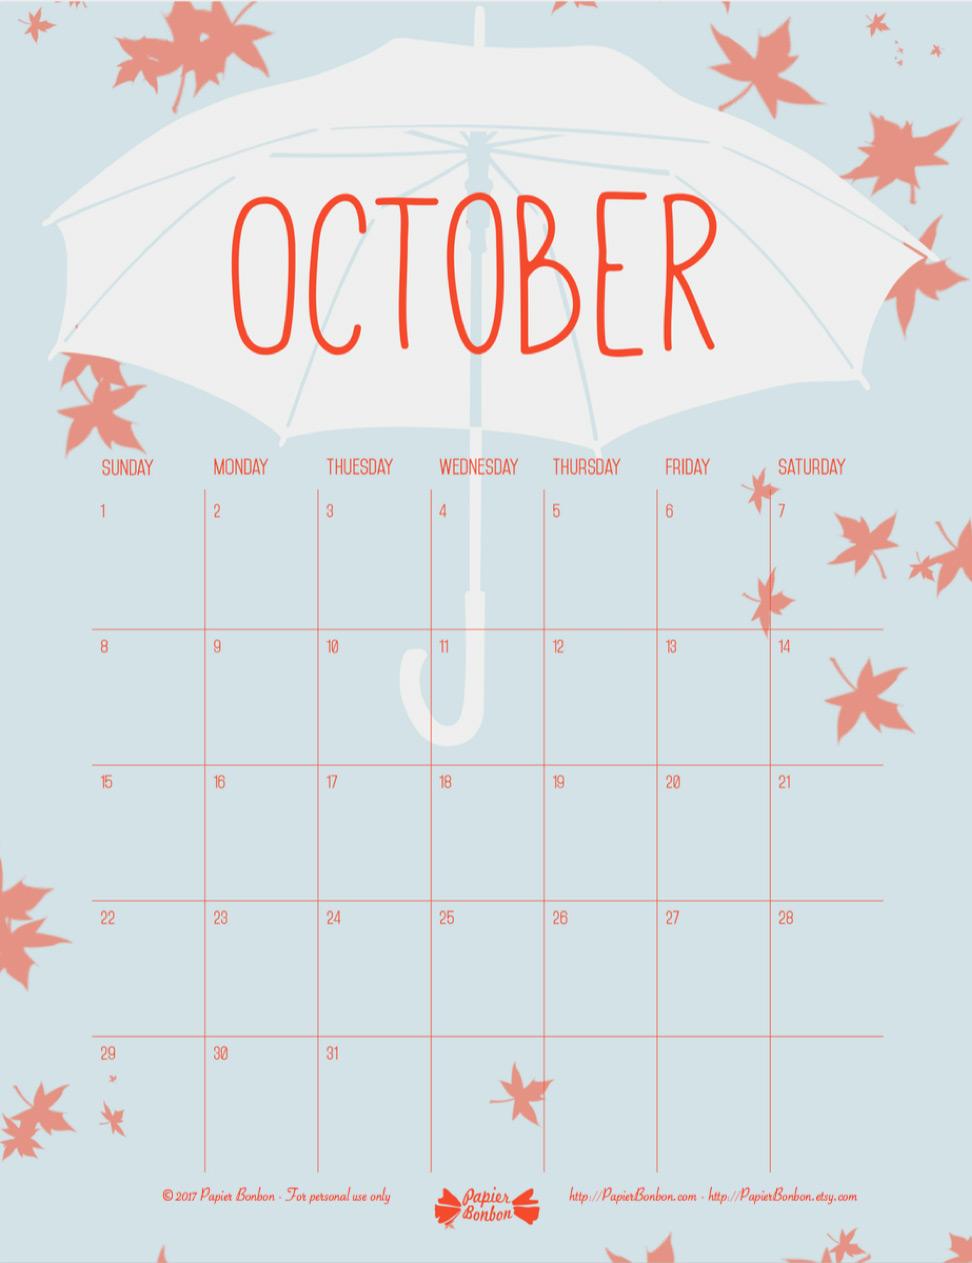 October Printable Calendar - Papier Bonbon